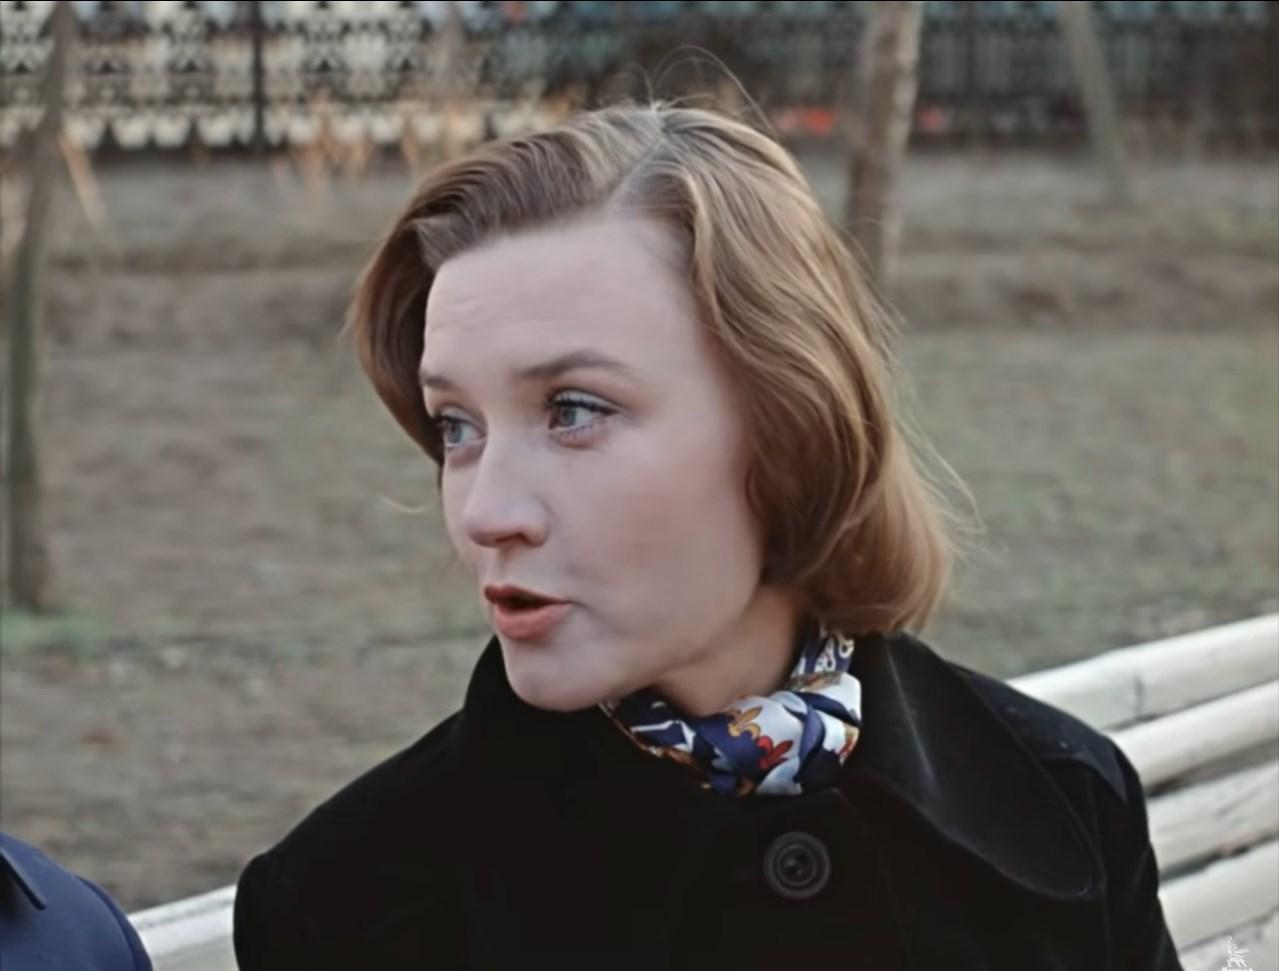 А ты переменилась, Катерина. Раньше ты не... © «Москва слезам не верит» —  цитата из фильма